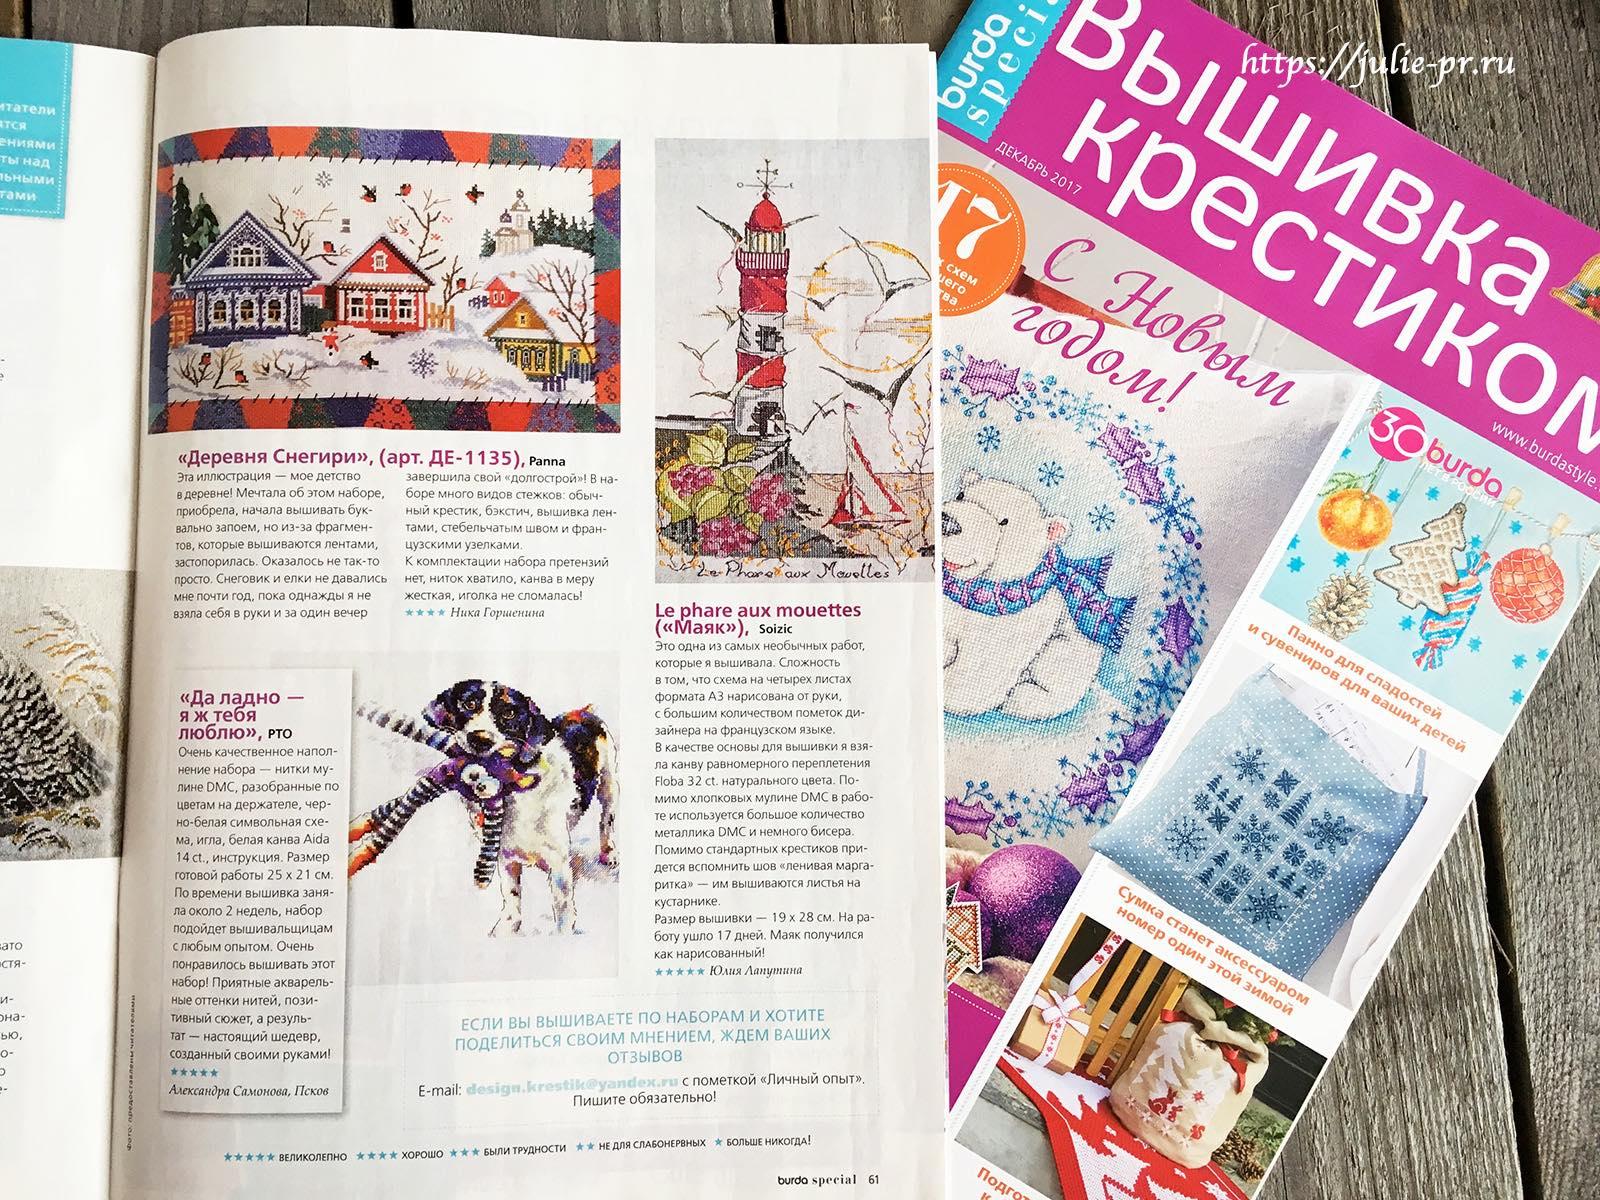 Журнал Burda. Вышивка крестиком, декабрь 2017